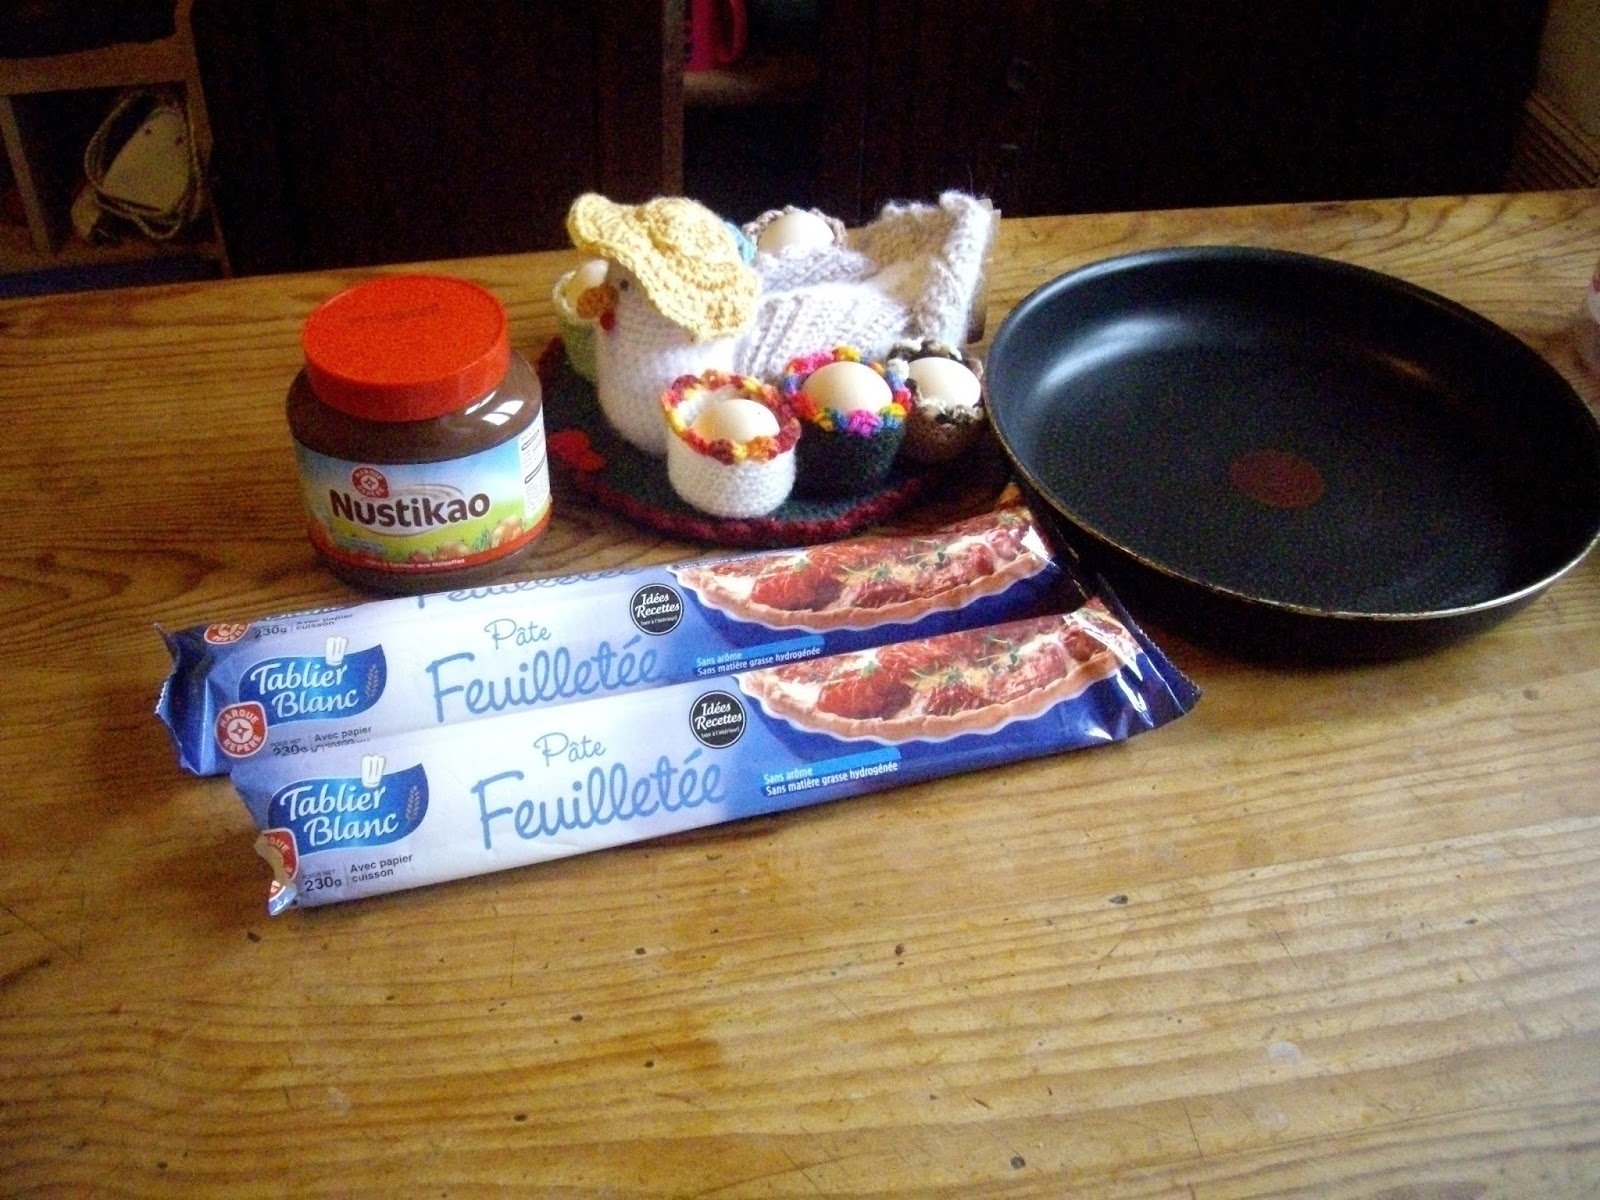 Chagaz 39 et vous recette par une lectrice recette du soleil feuillet au nutella par - Pate feuilletee nutella soleil ...